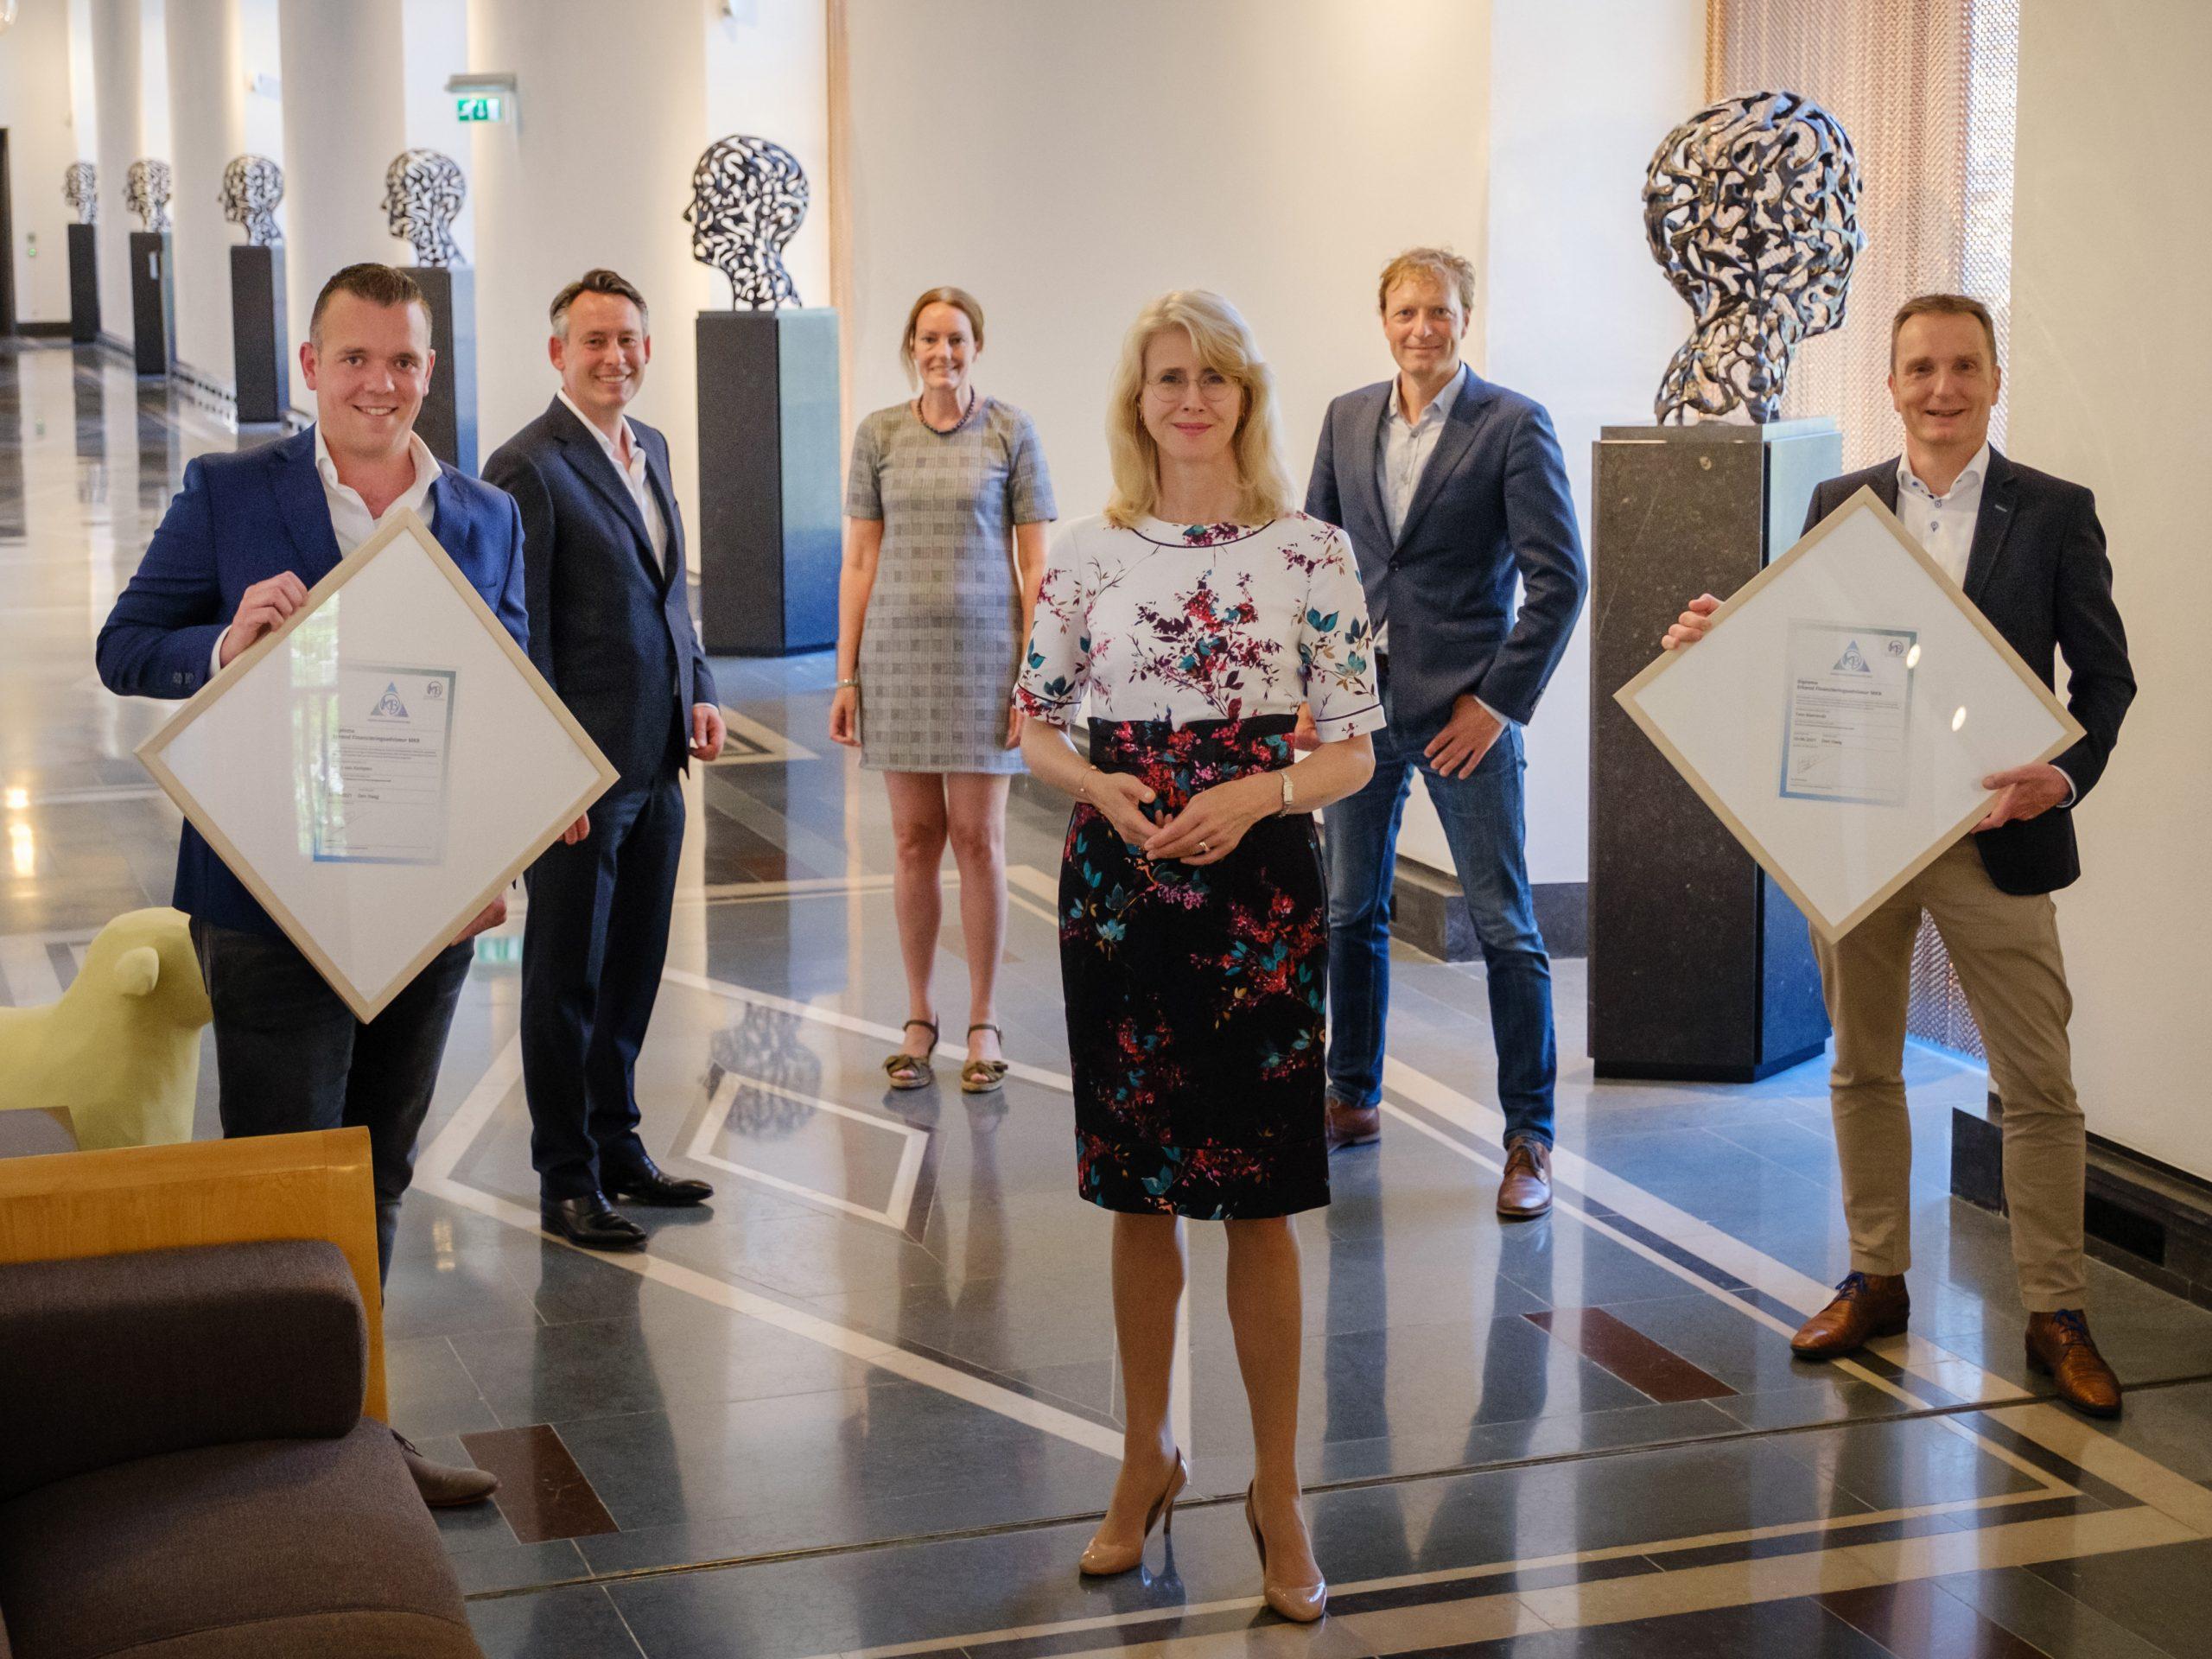 Financieringsadvies voor ondernemers naar hoger niveau, eerste diploma's Erkend Financieringsadviseur MKB uitgereikt door staatssecretaris Mona Keijzer